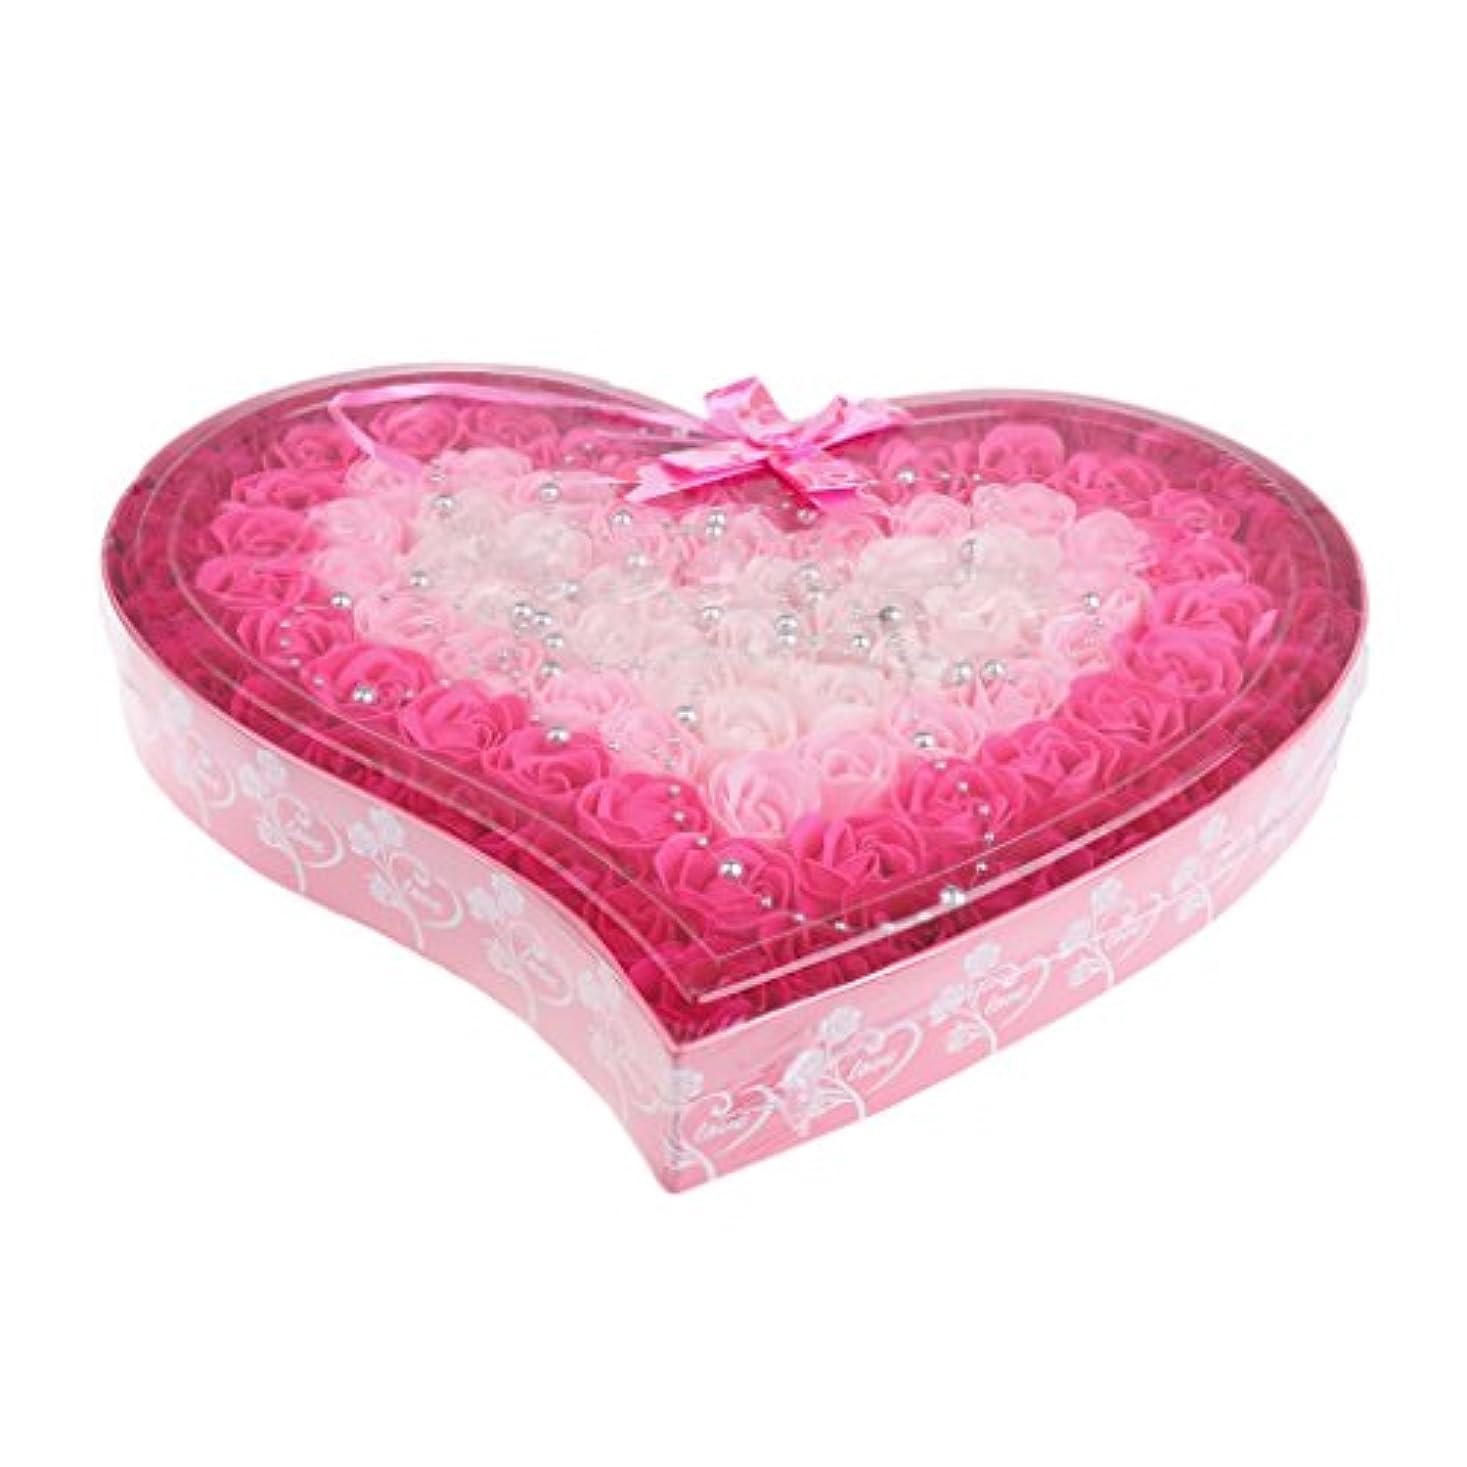 言及するアセ倒錯約100個 ソープフラワー 石鹸の花 母の日 心の形 ギフトボックス バレンタインデー ホワイトデー 母の日 結婚記念日 プレゼント 4色選択可 - ピンク